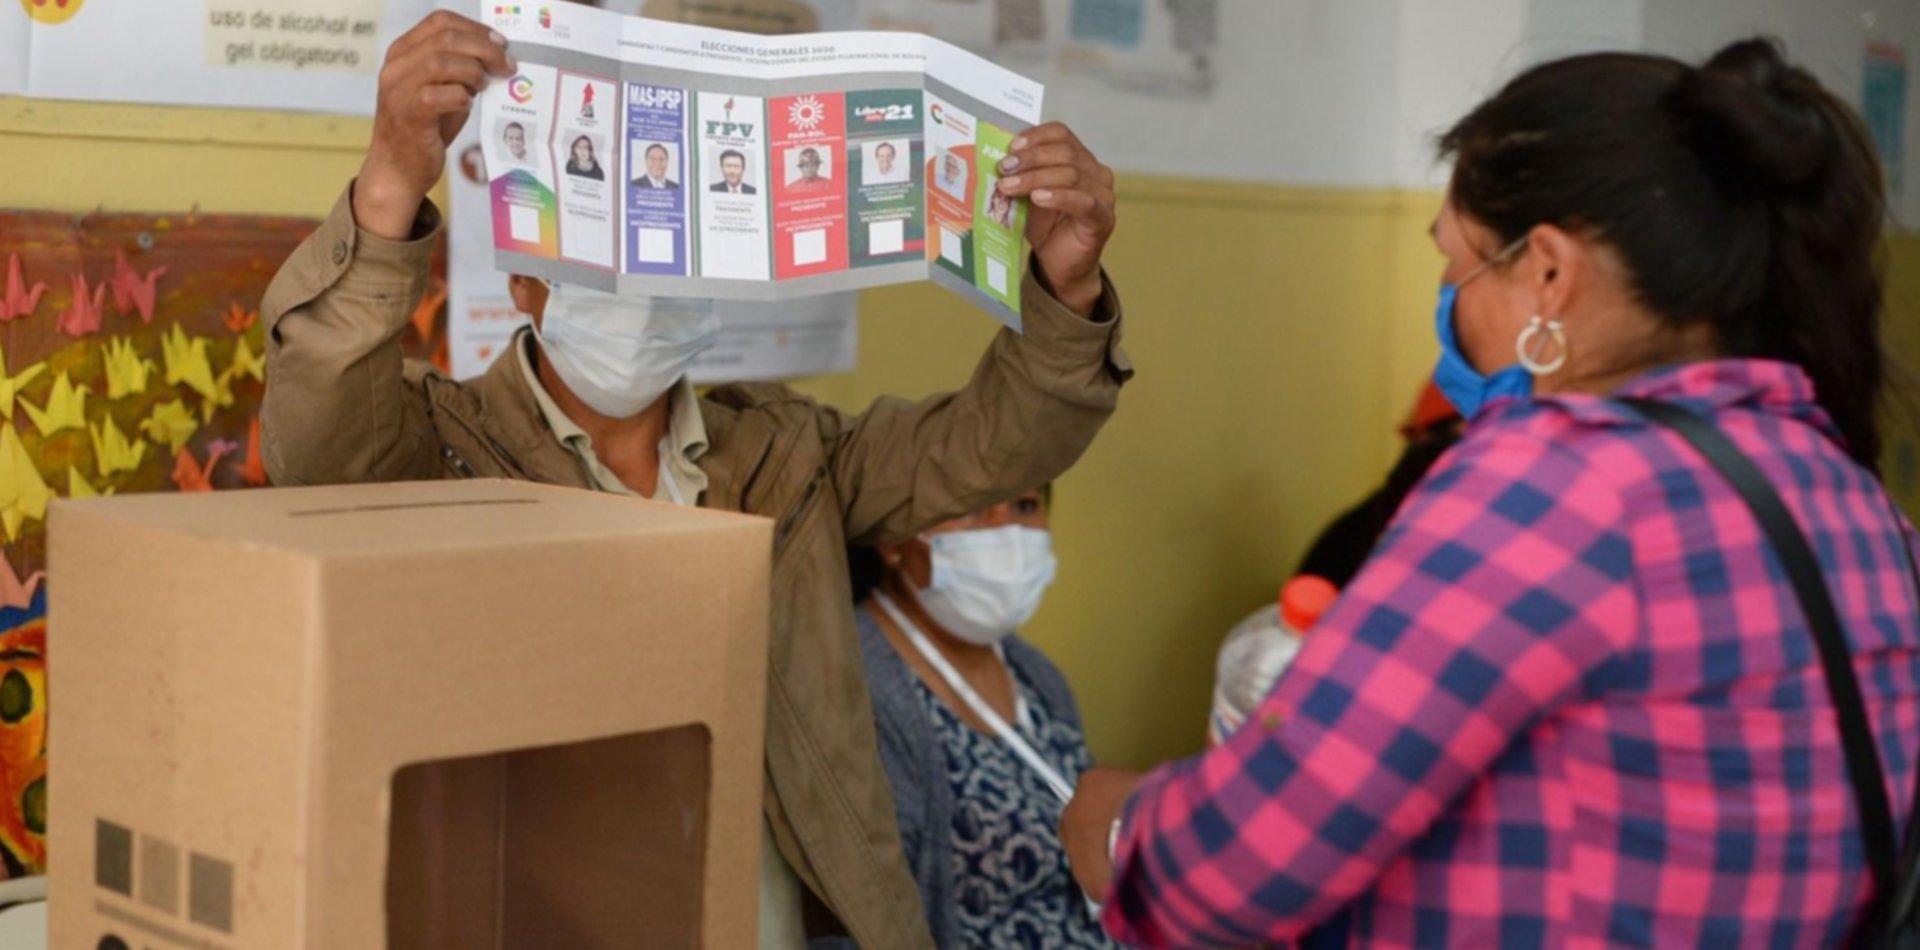 Los bolivianos que viven en La Plata participan para elegir al nuevo presidente